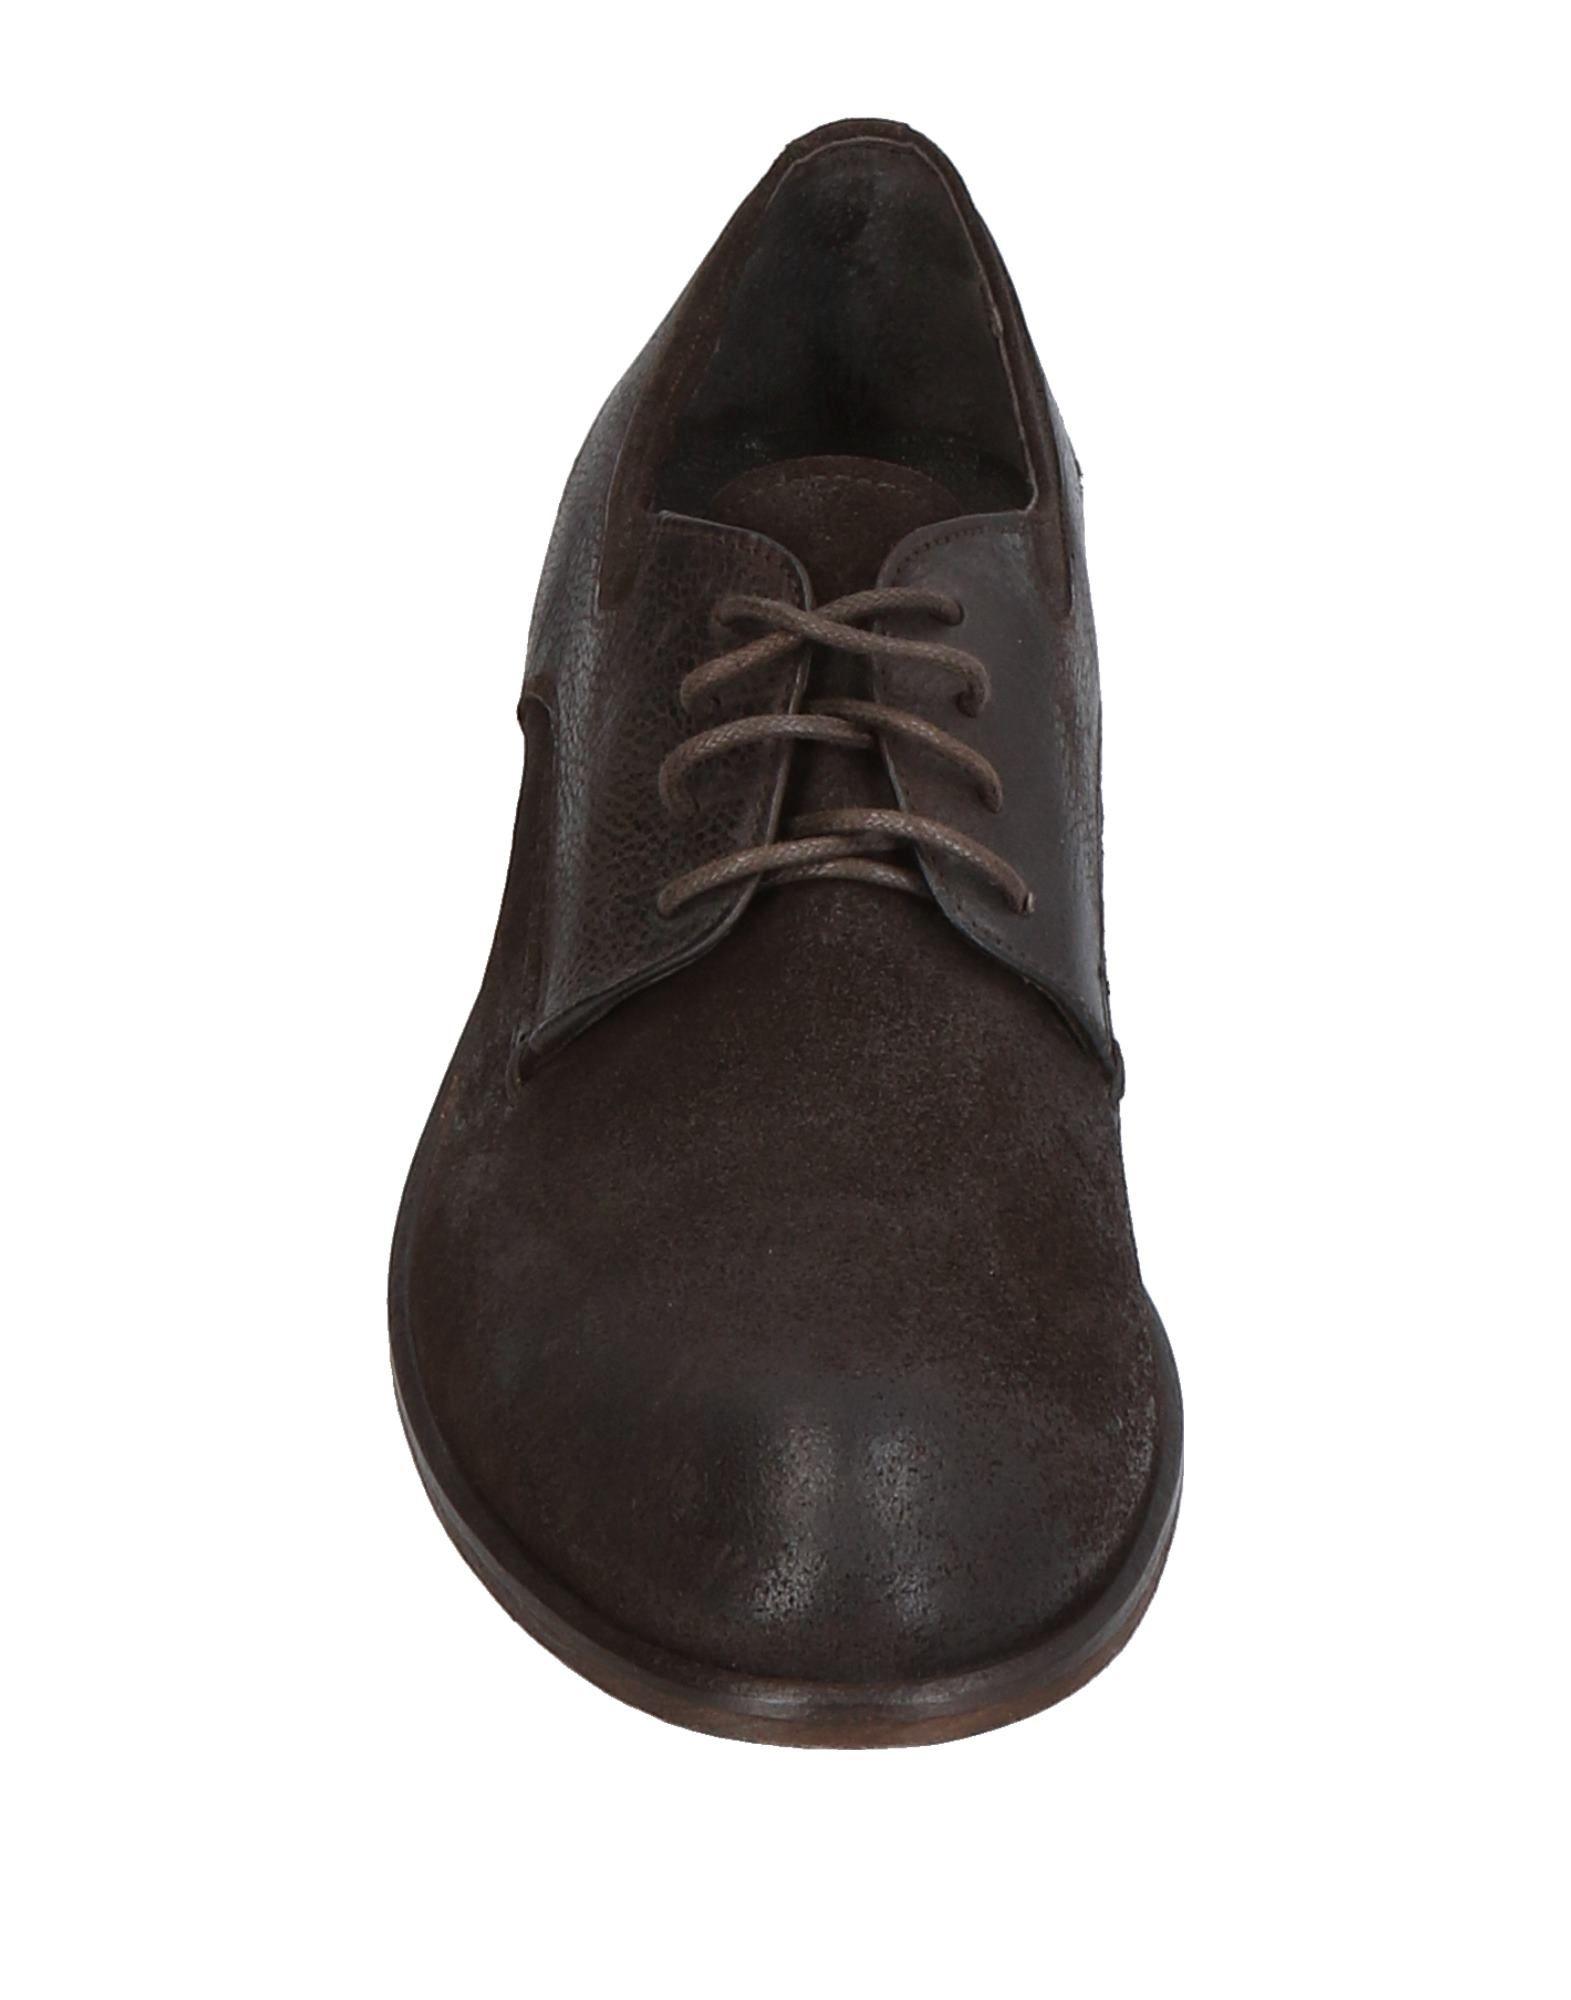 Mangano Schnürschuhe Damen  Schuhe 11452415KM Gute Qualität beliebte Schuhe  de735e